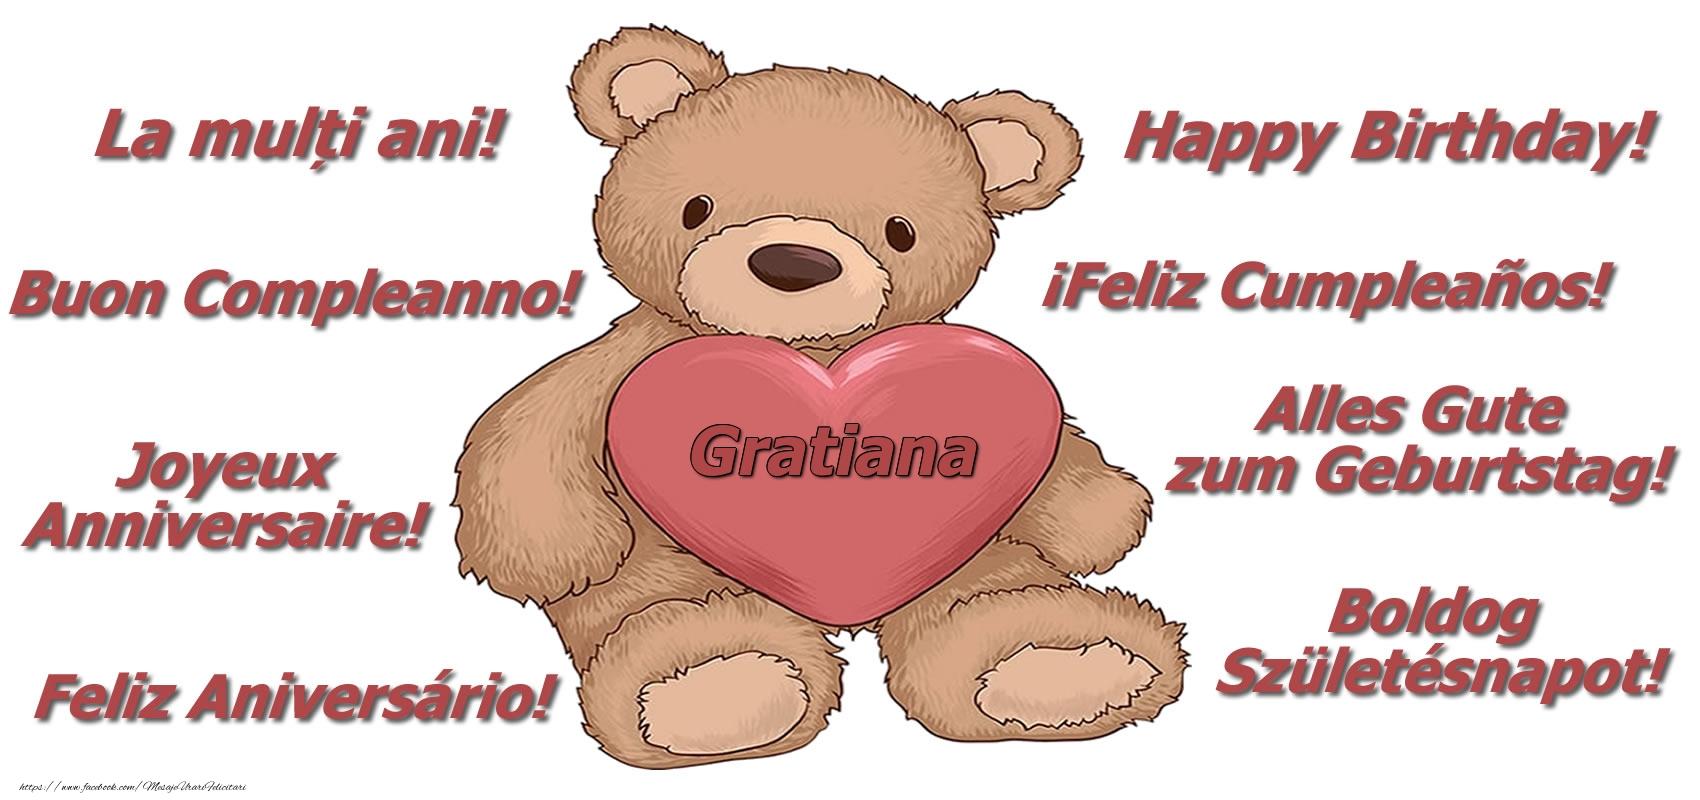 Felicitari de zi de nastere - La multi ani Gratiana! - Ursulet